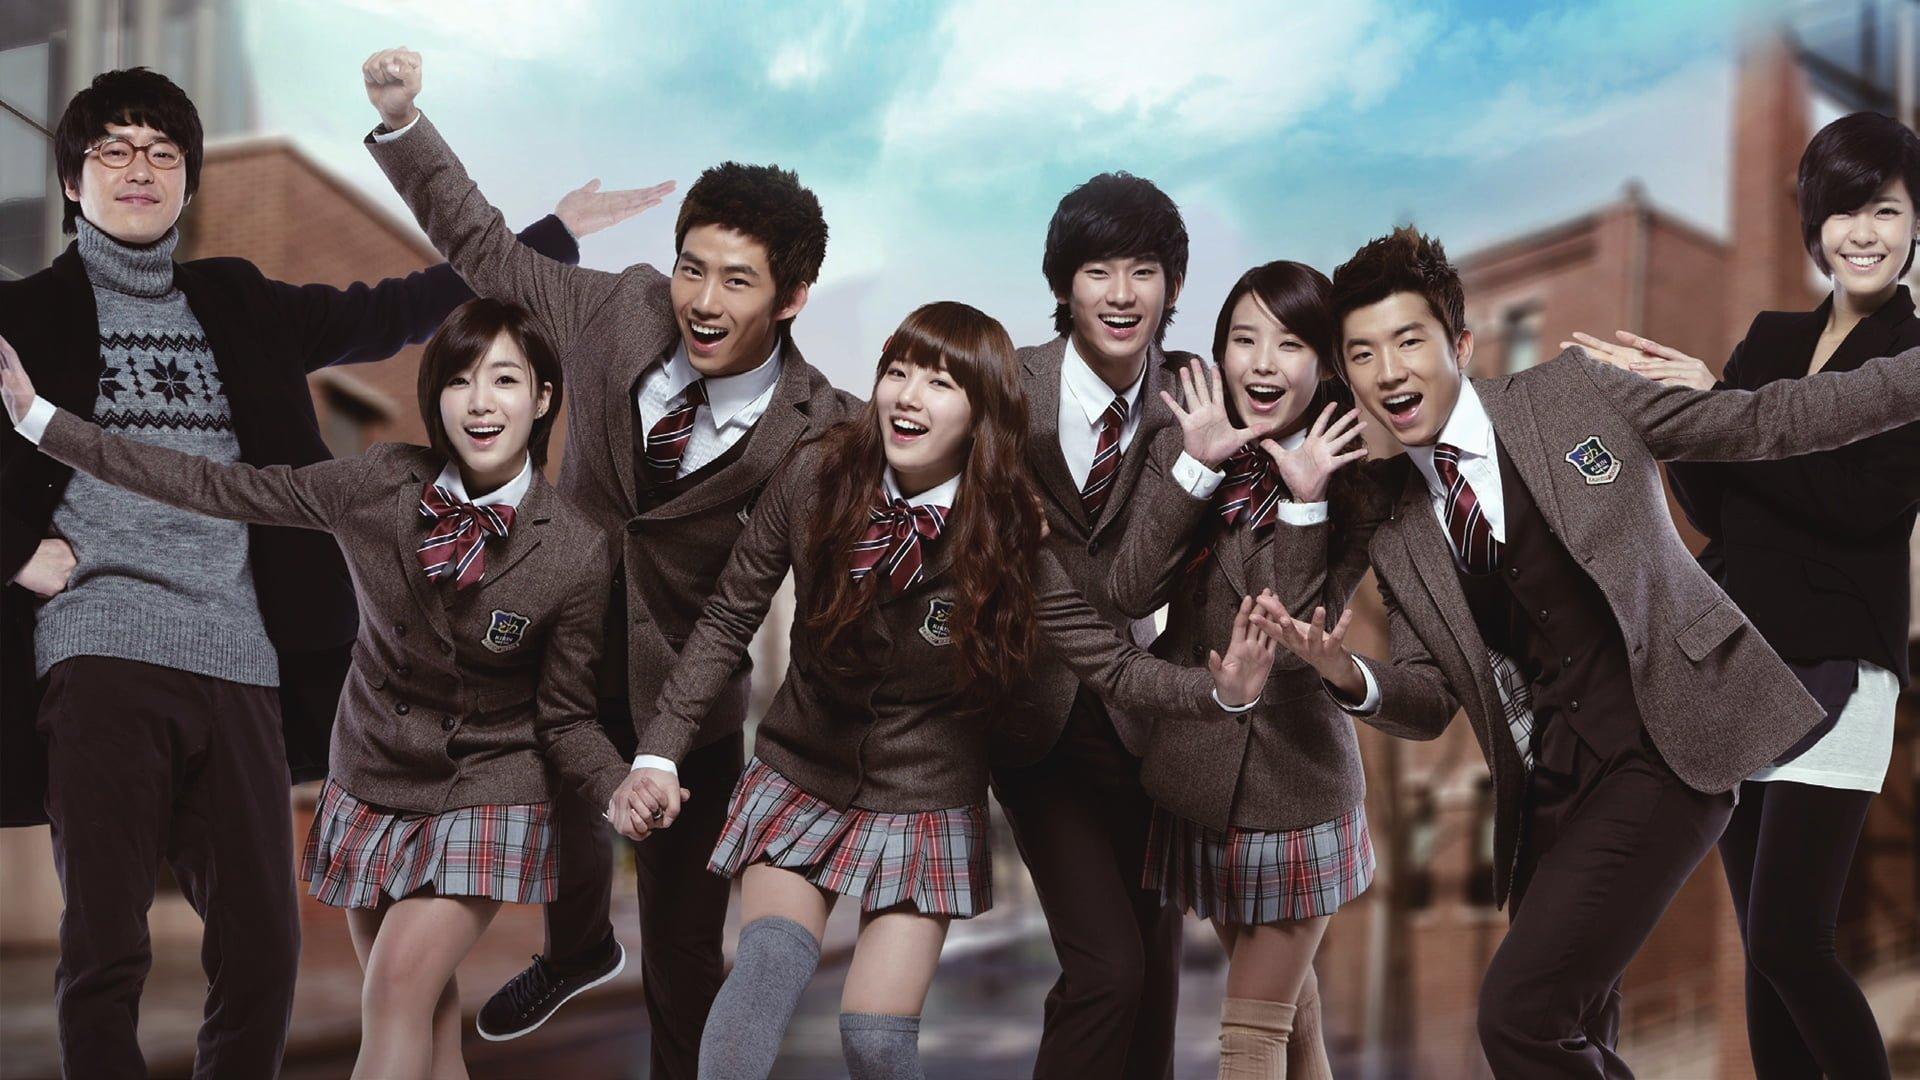 Hầu như tất cả các trường học ở Hàn Quốc đều quy định học sinh mặc đồng phục, chỉ trừ một số ít trường hợp ngoại lệ là các trường tư thục. Vậy nên, phim Hàn cũng không thể thiếu các mẫu đồng phục học đường siêu đẹp như thế này